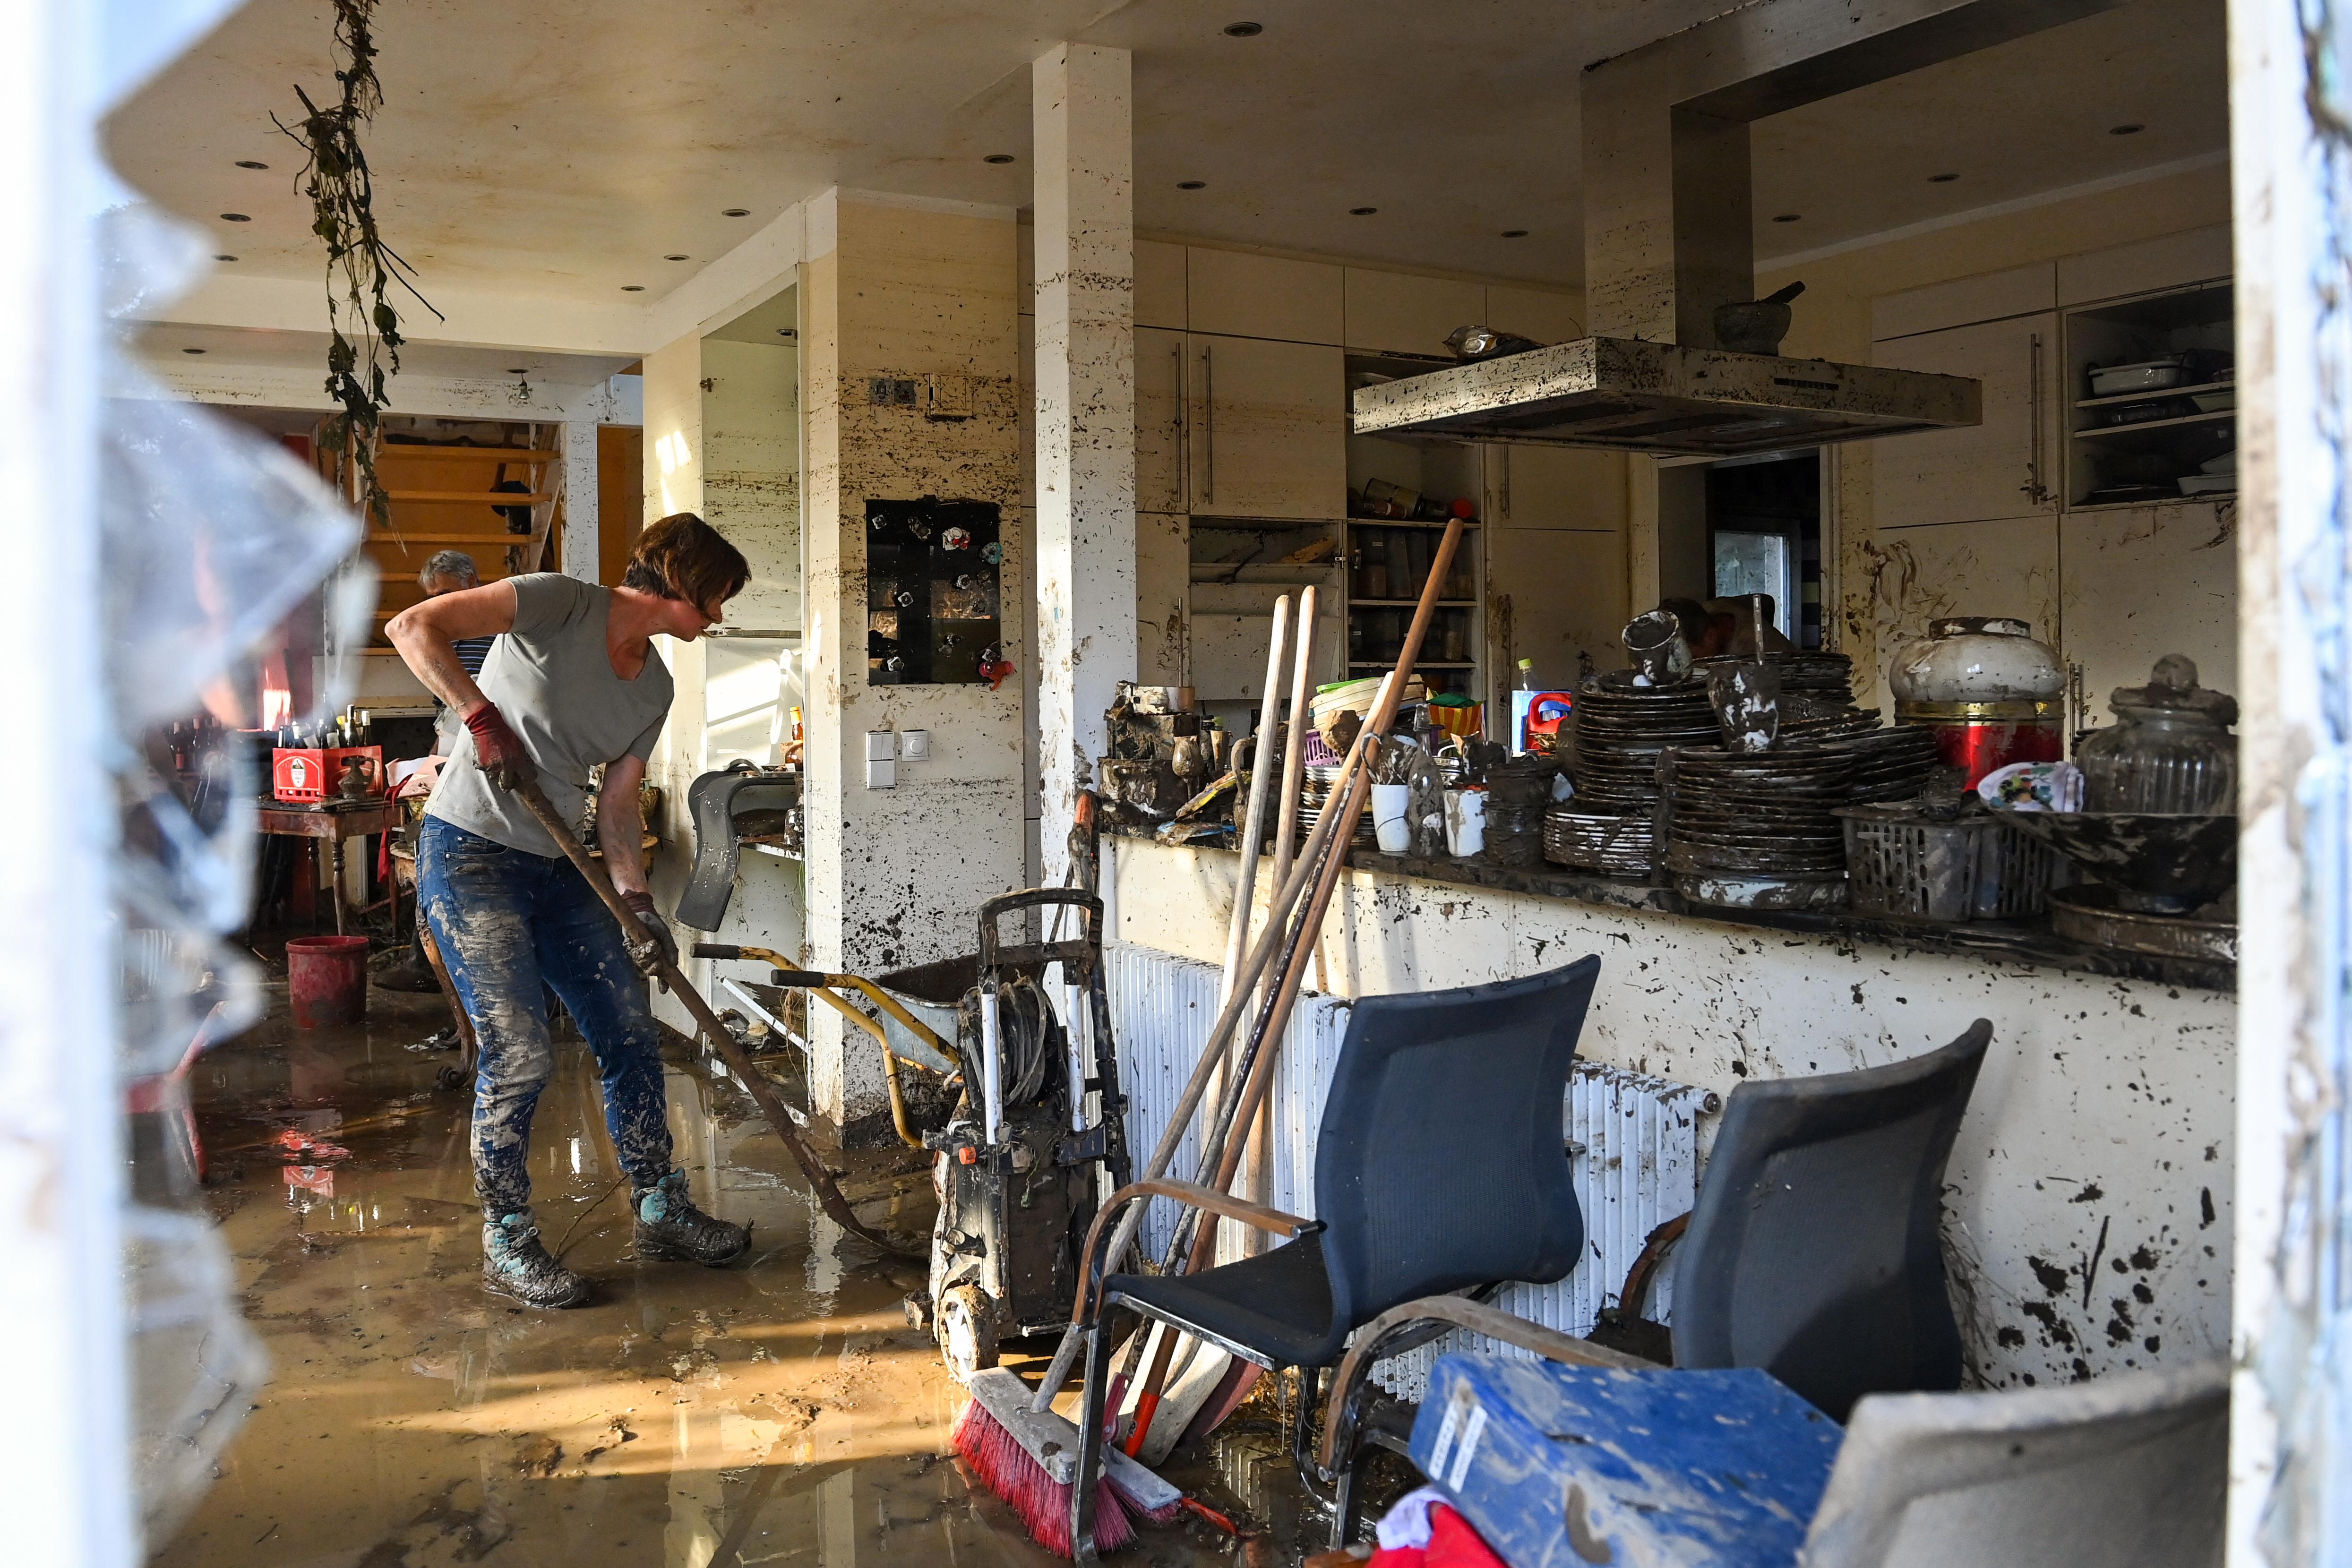 अहरवीलर इलाके में बुरी तरह से तहस-नहस घर को साफ करती महिला।